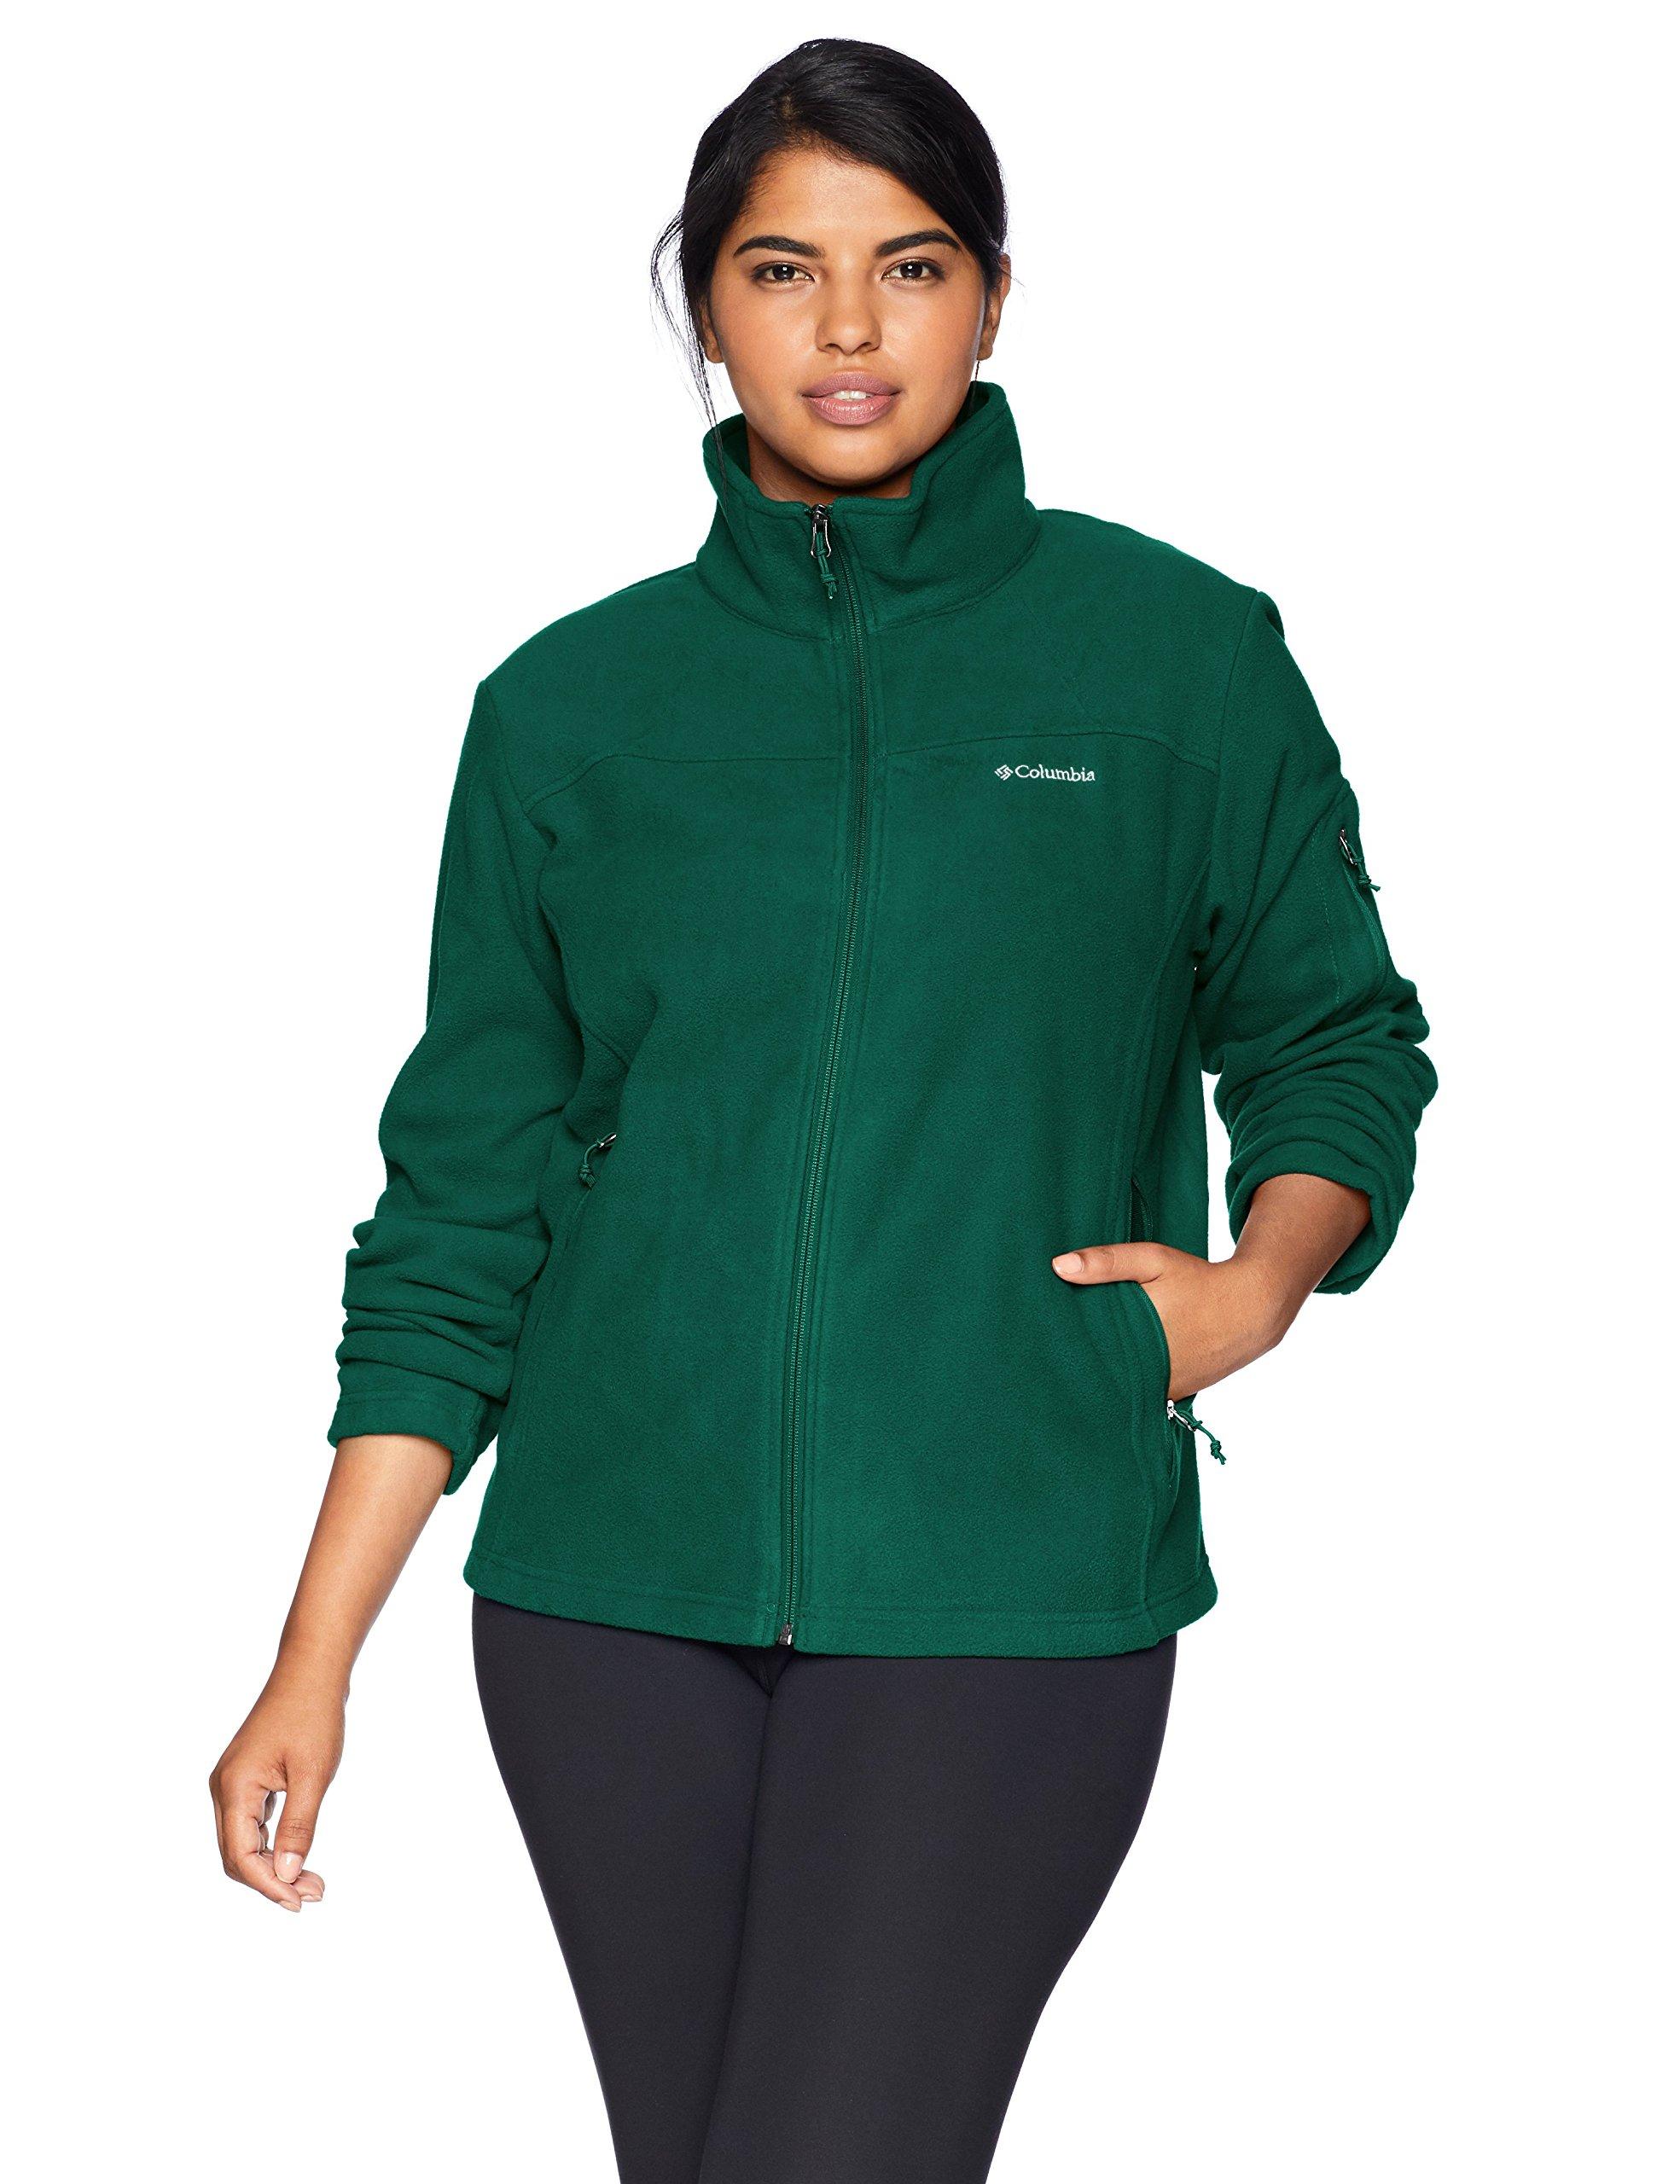 Columbia Women's Fast Trek II Full Zip Plus Size Fleece Jacket, Dark Ivy, 2X